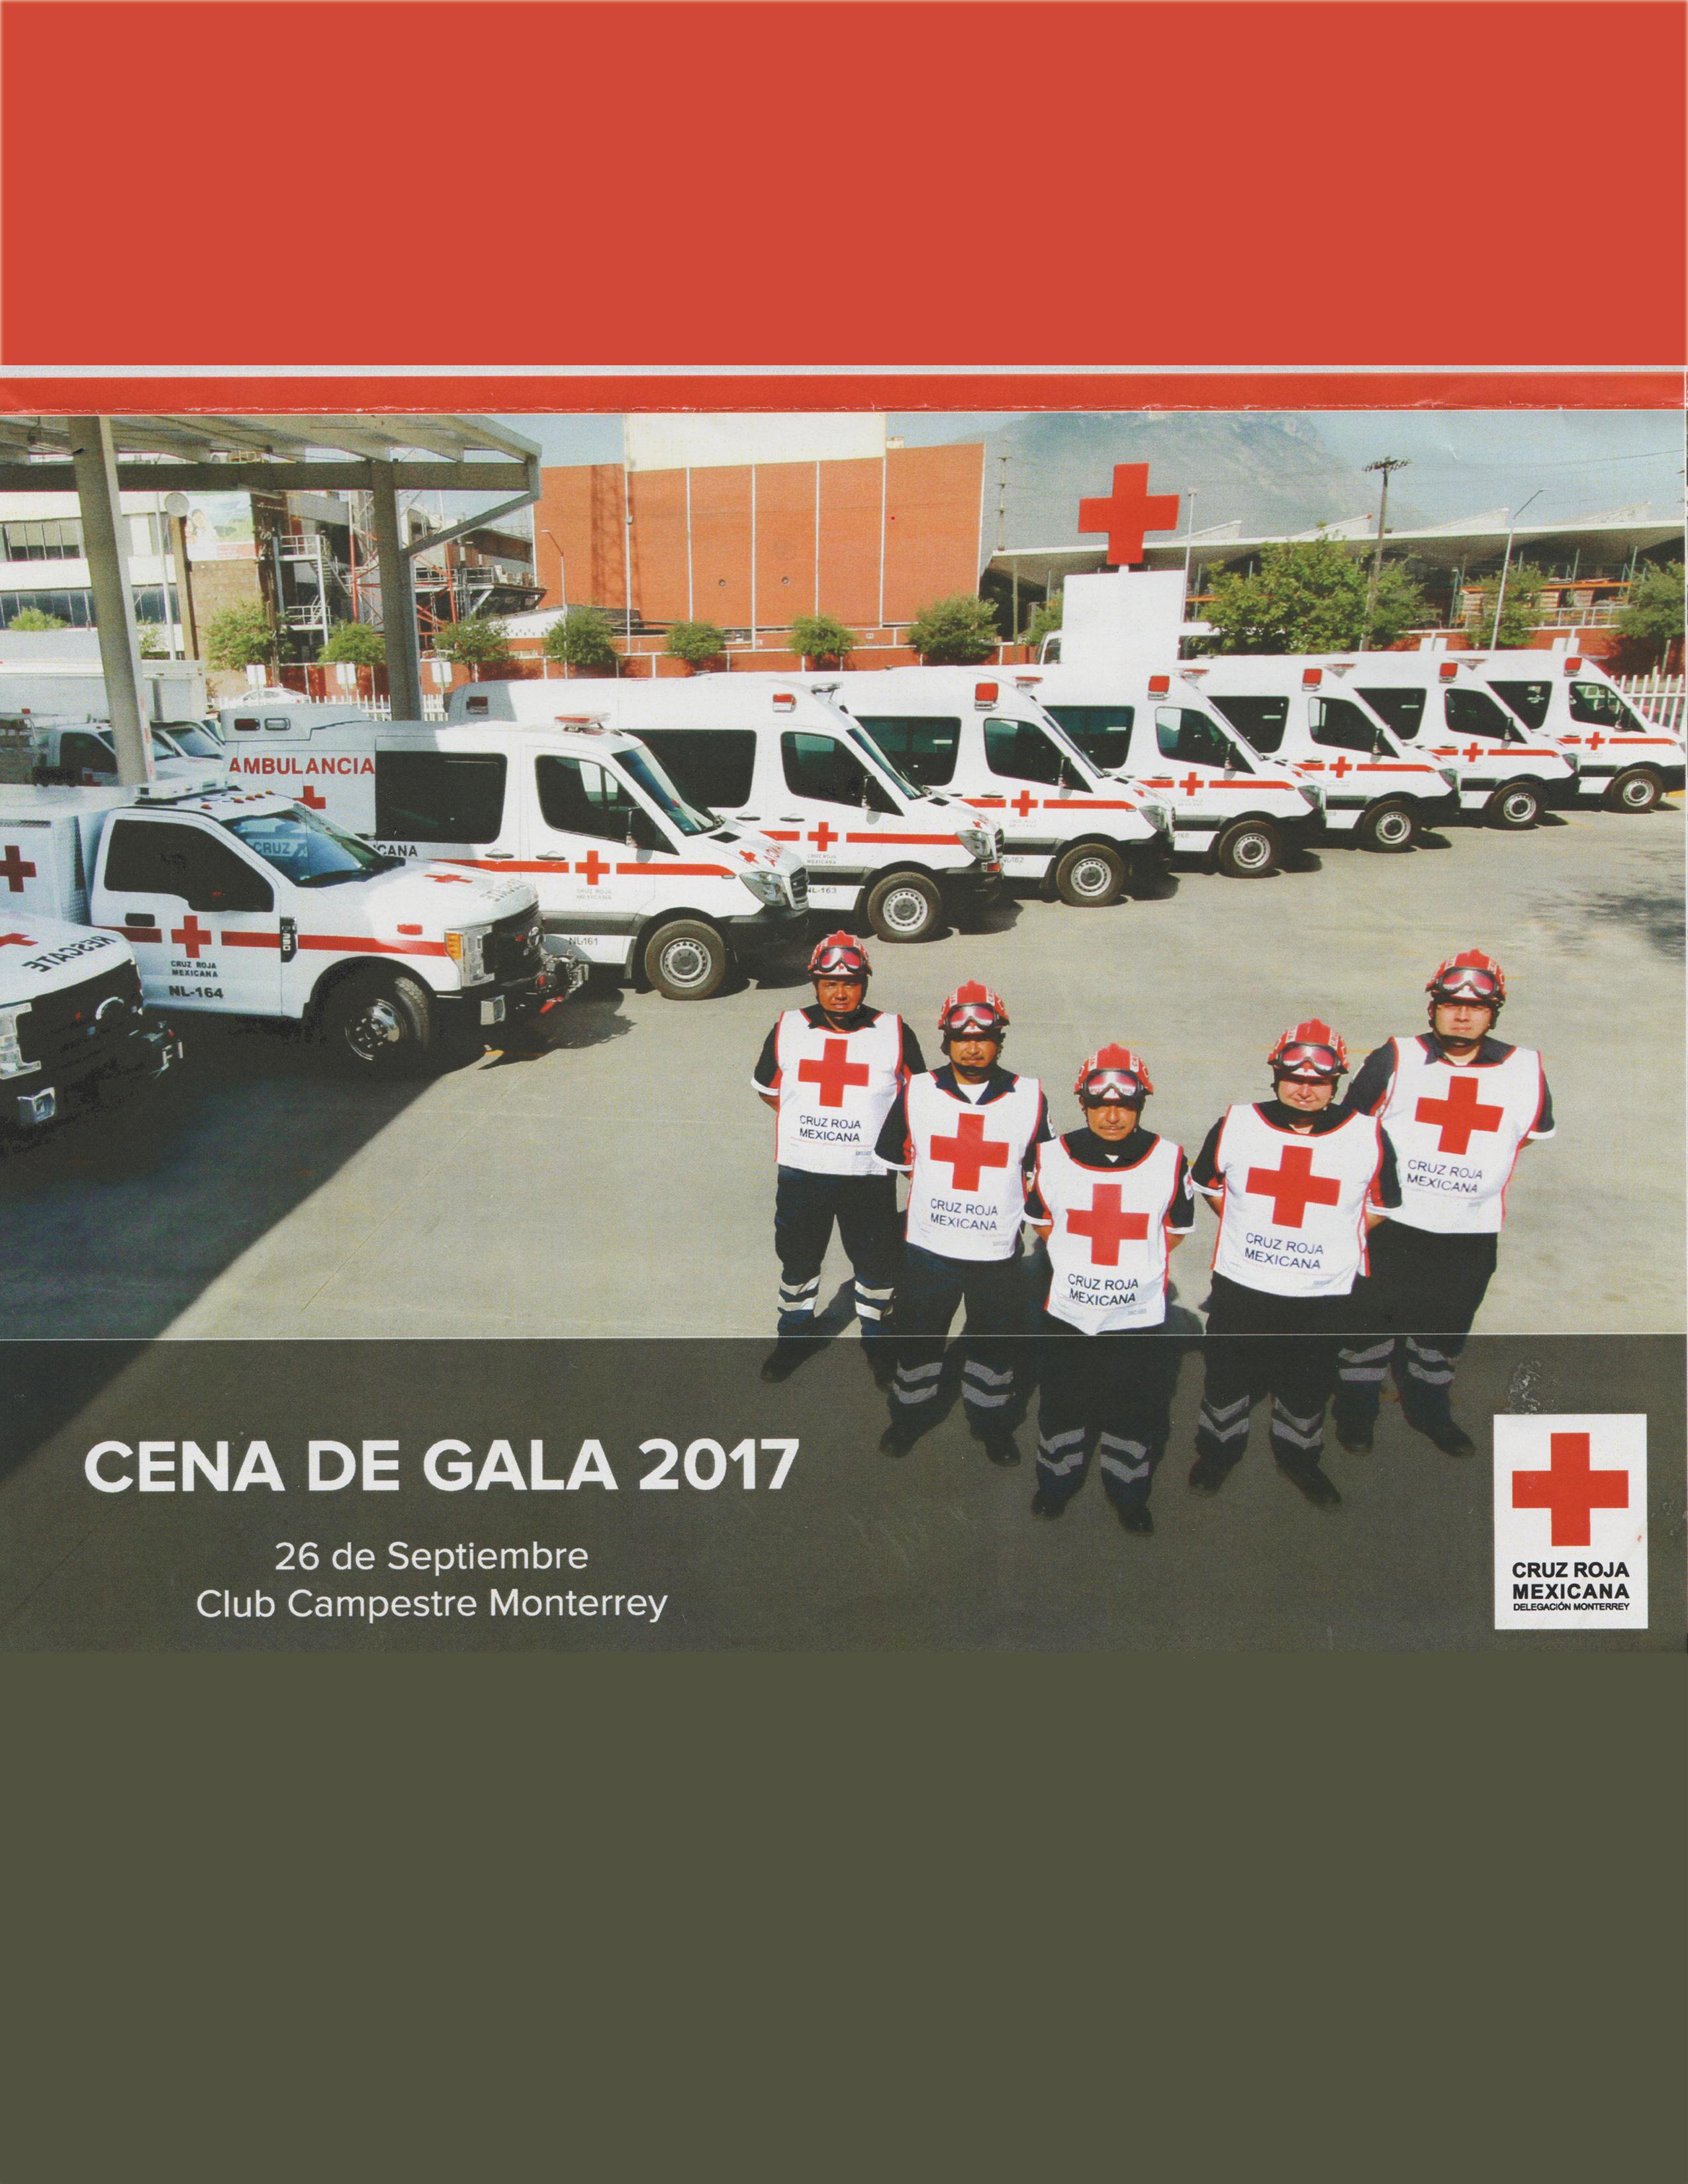 cruz roja portada web